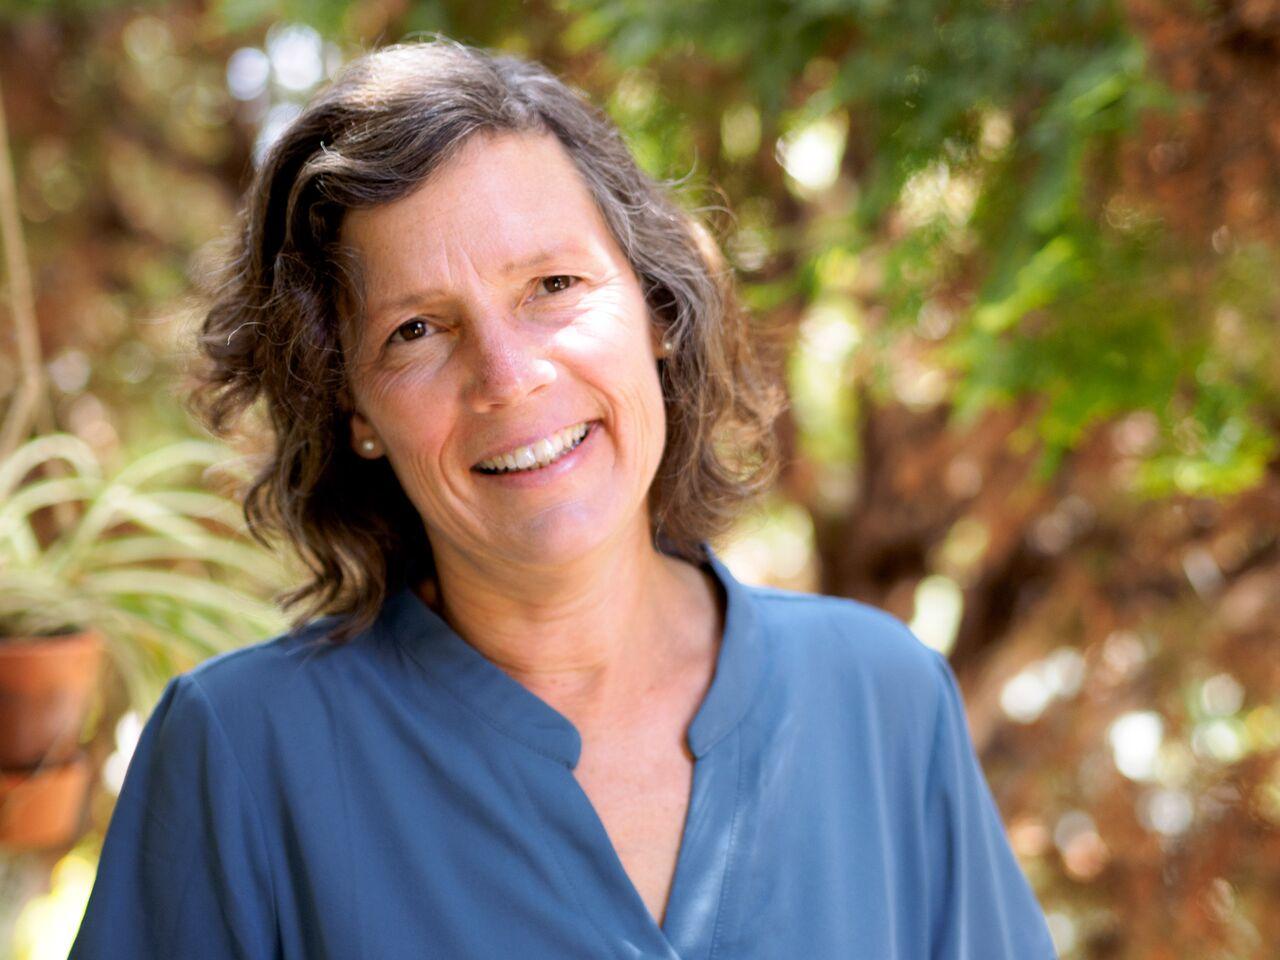 Jennifer Freyd